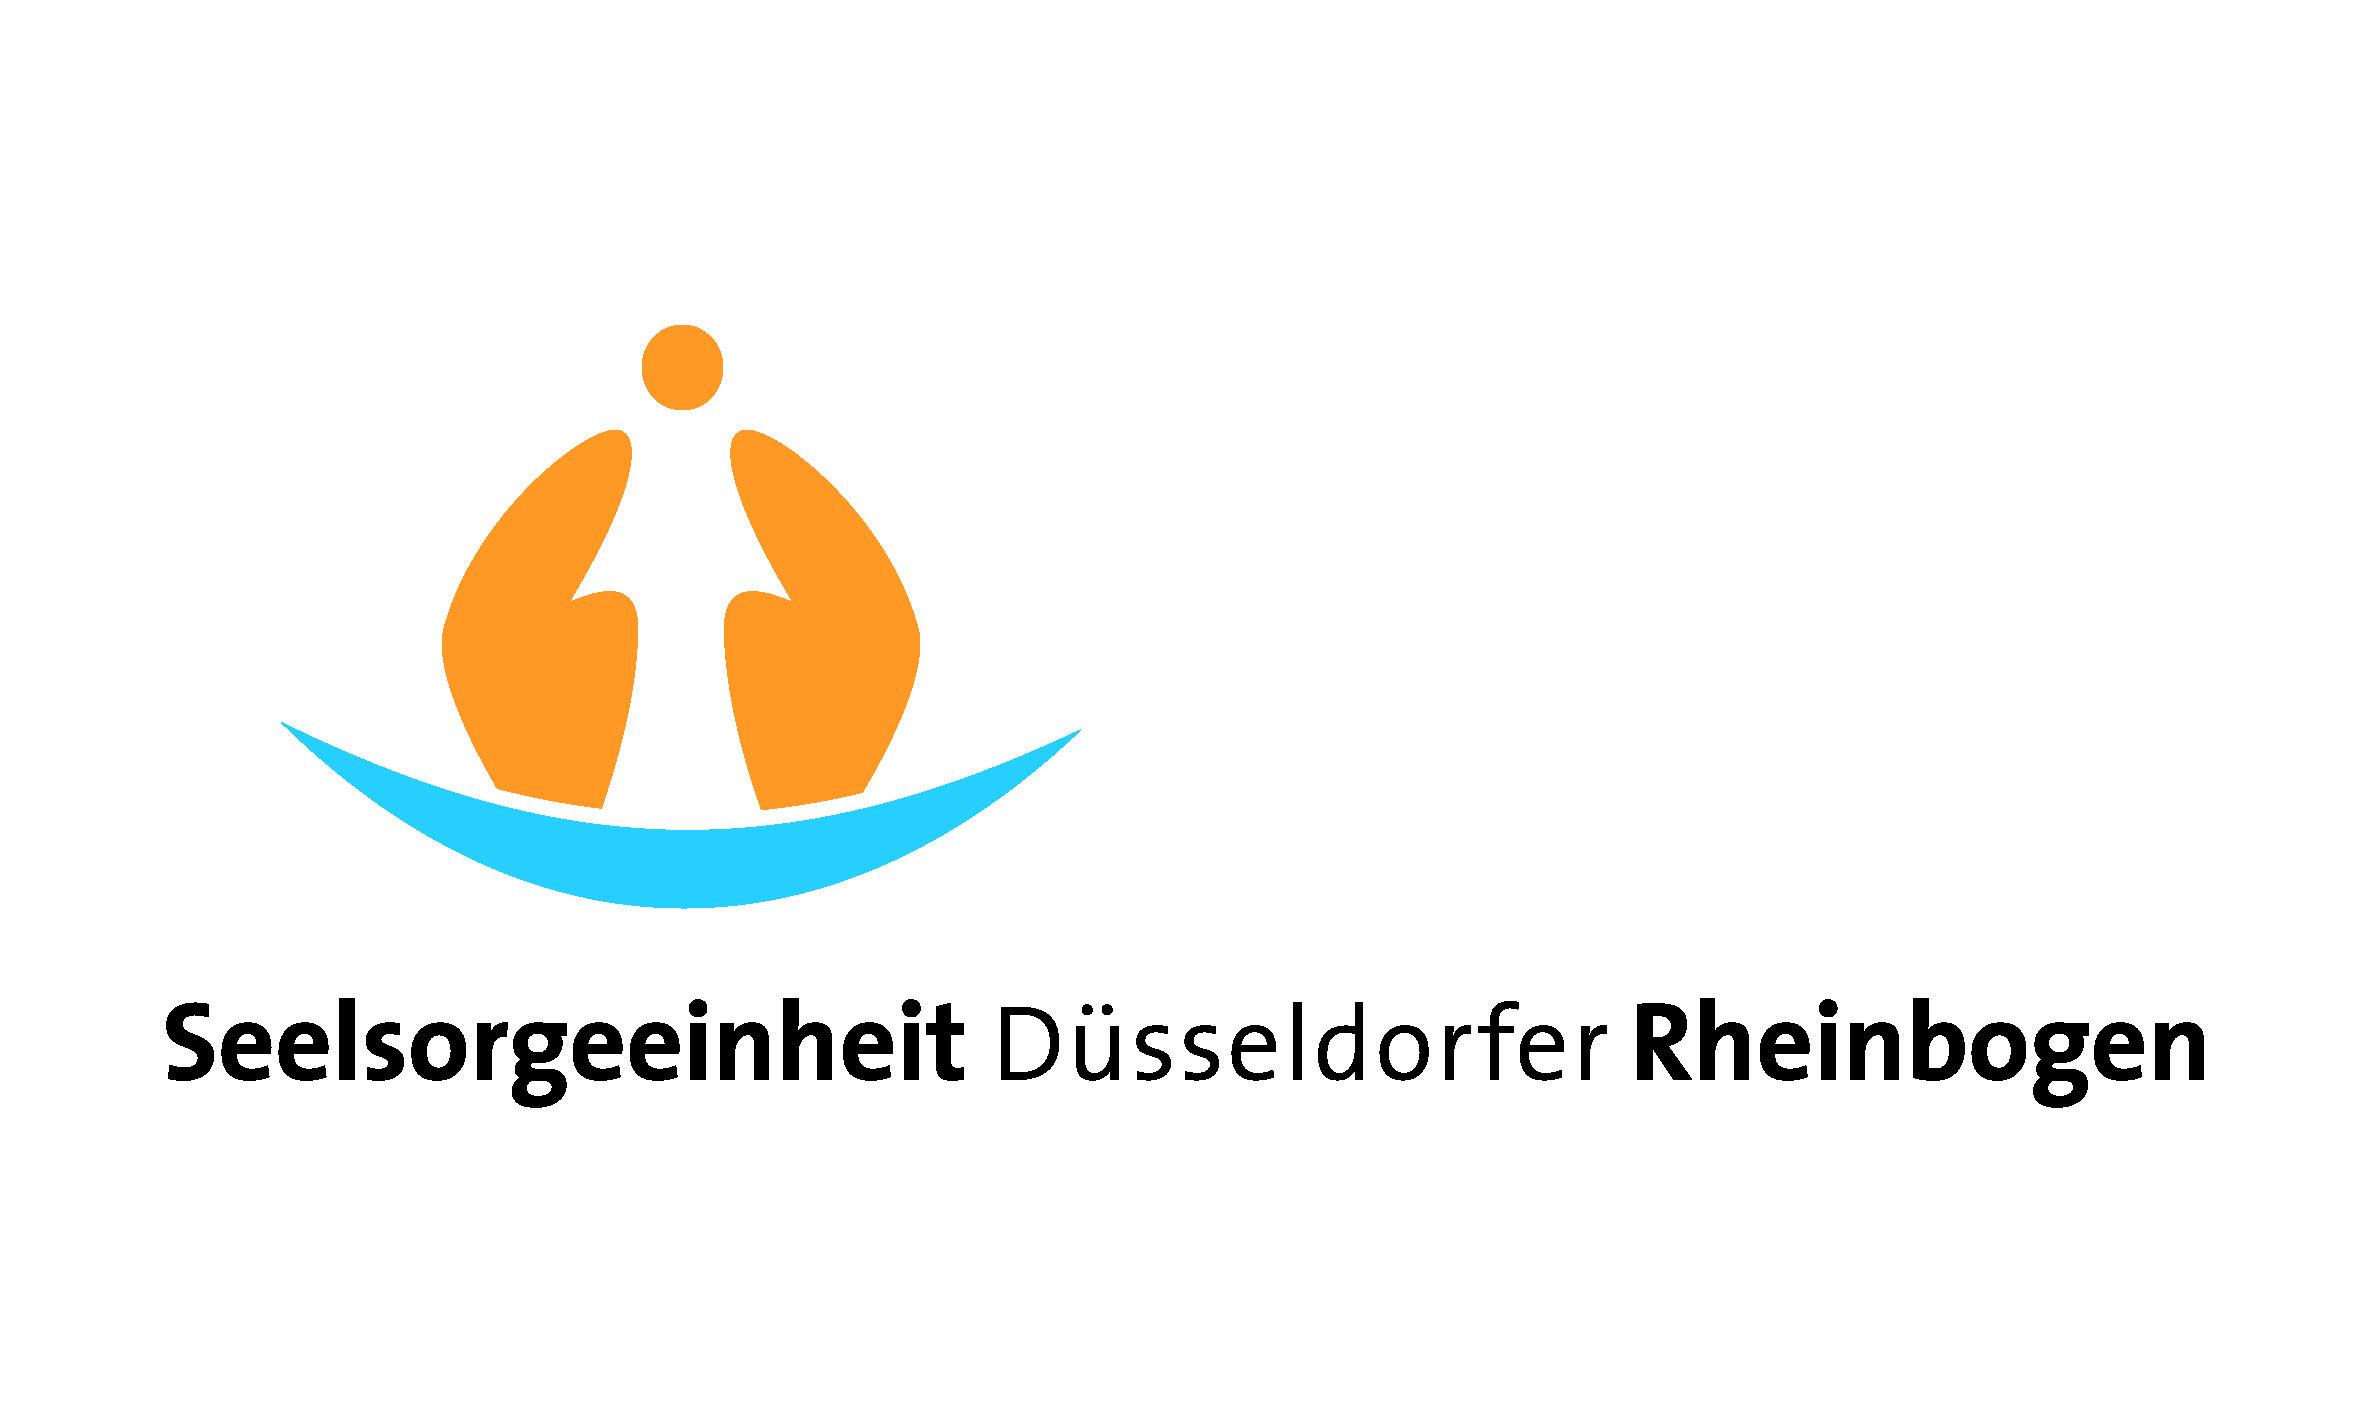 Seelsorgeeinheit Düsseldorfer Rheinbogen